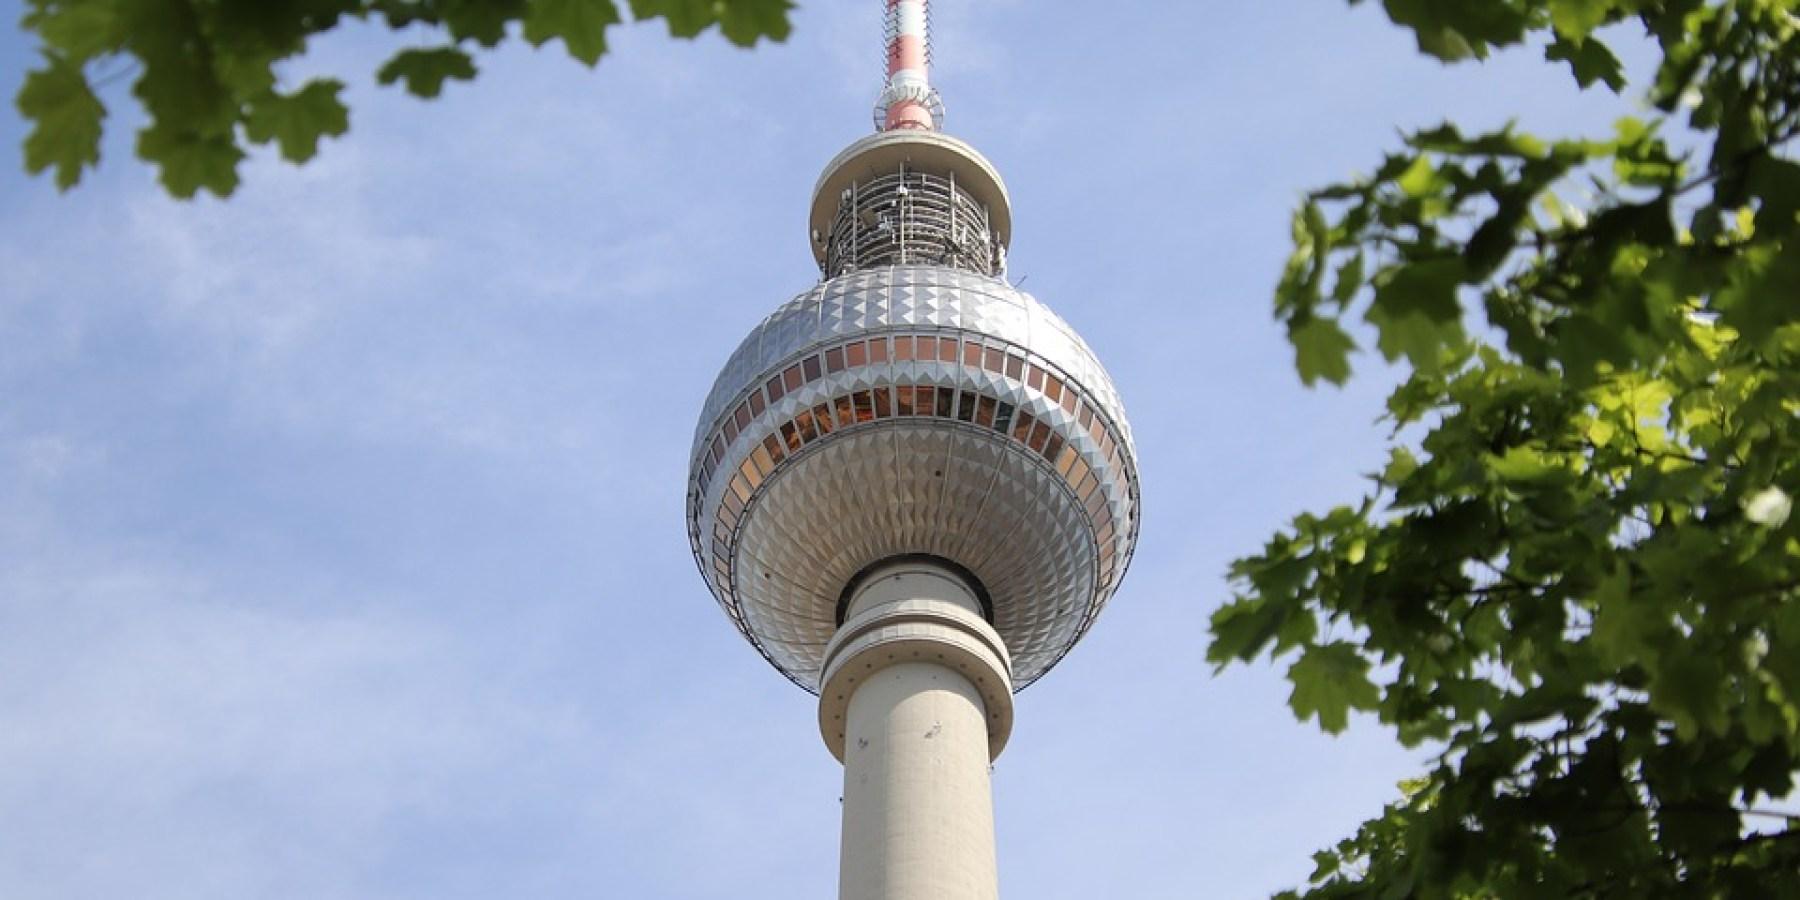 Funkturm schließt für Besucher bis zum 16. September